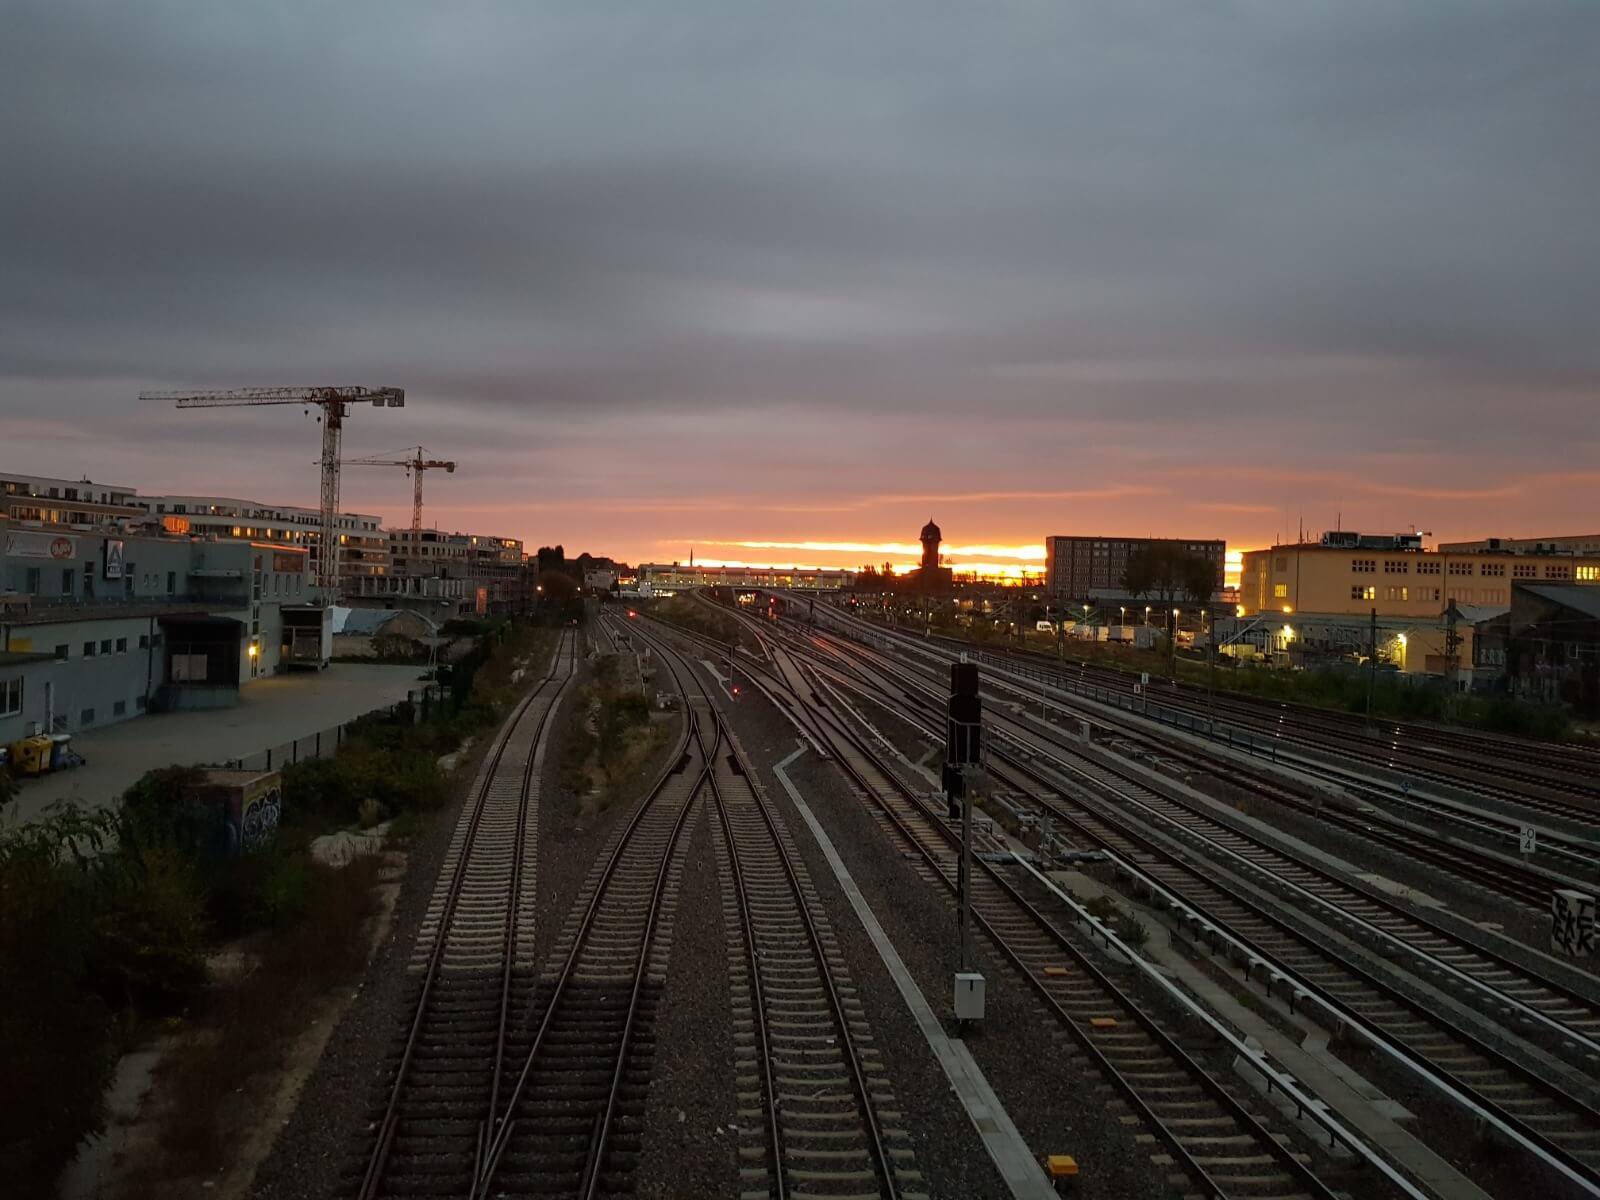 Sonnenaufgang Warschauer Brücke